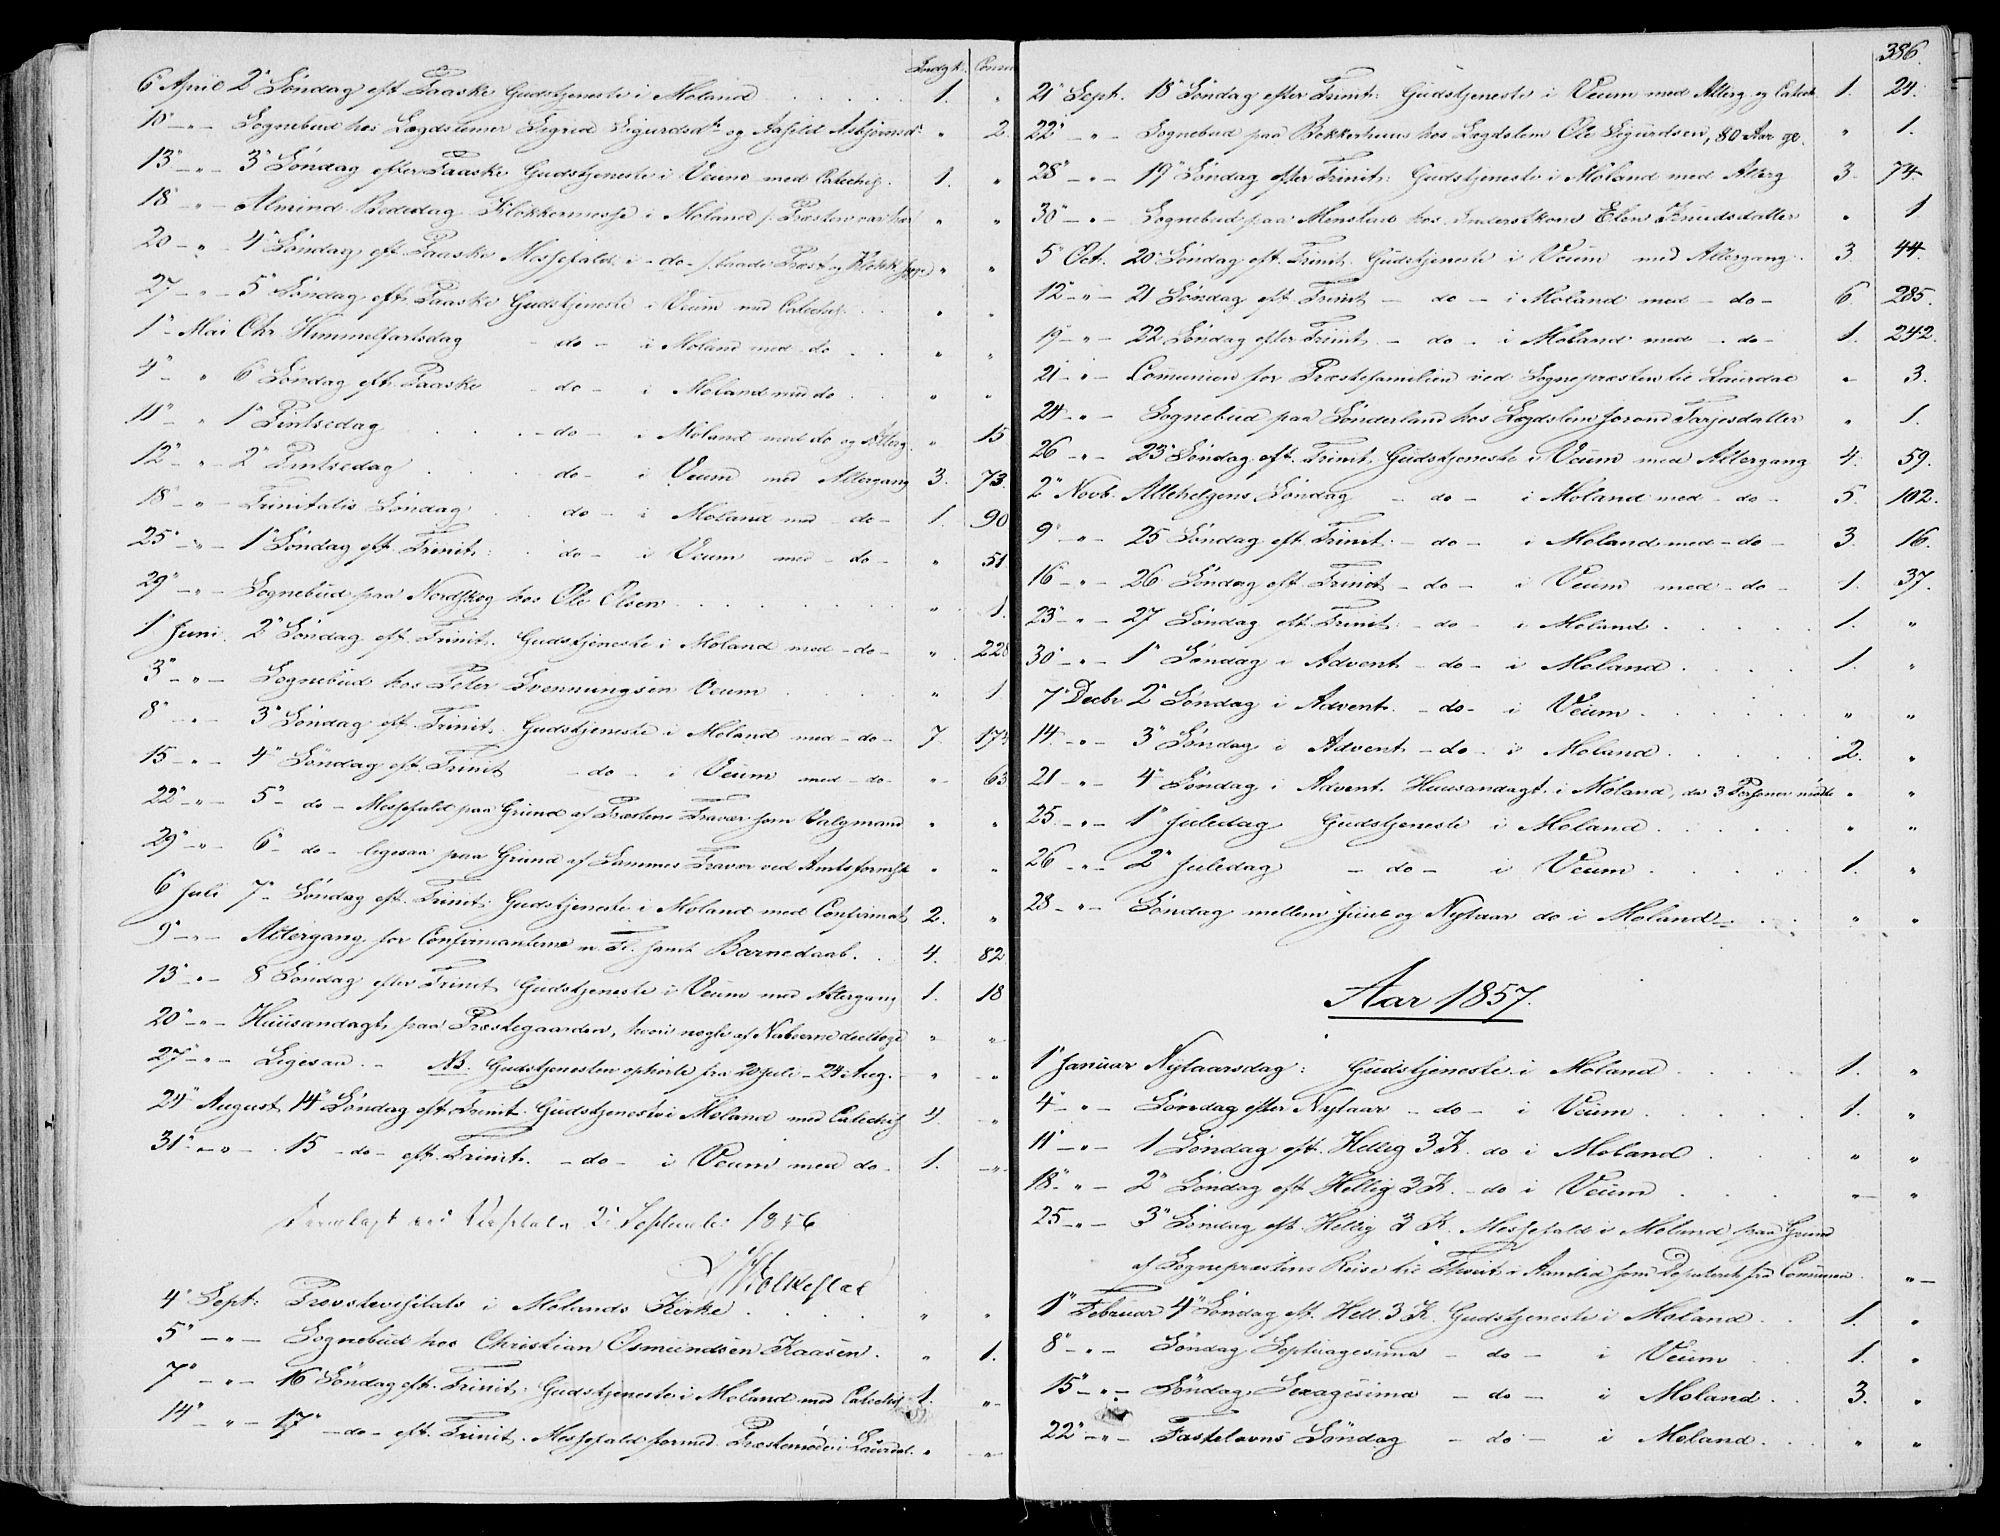 SAKO, Fyresdal kirkebøker, F/Fa/L0005: Ministerialbok nr. I 5, 1855-1871, s. 386